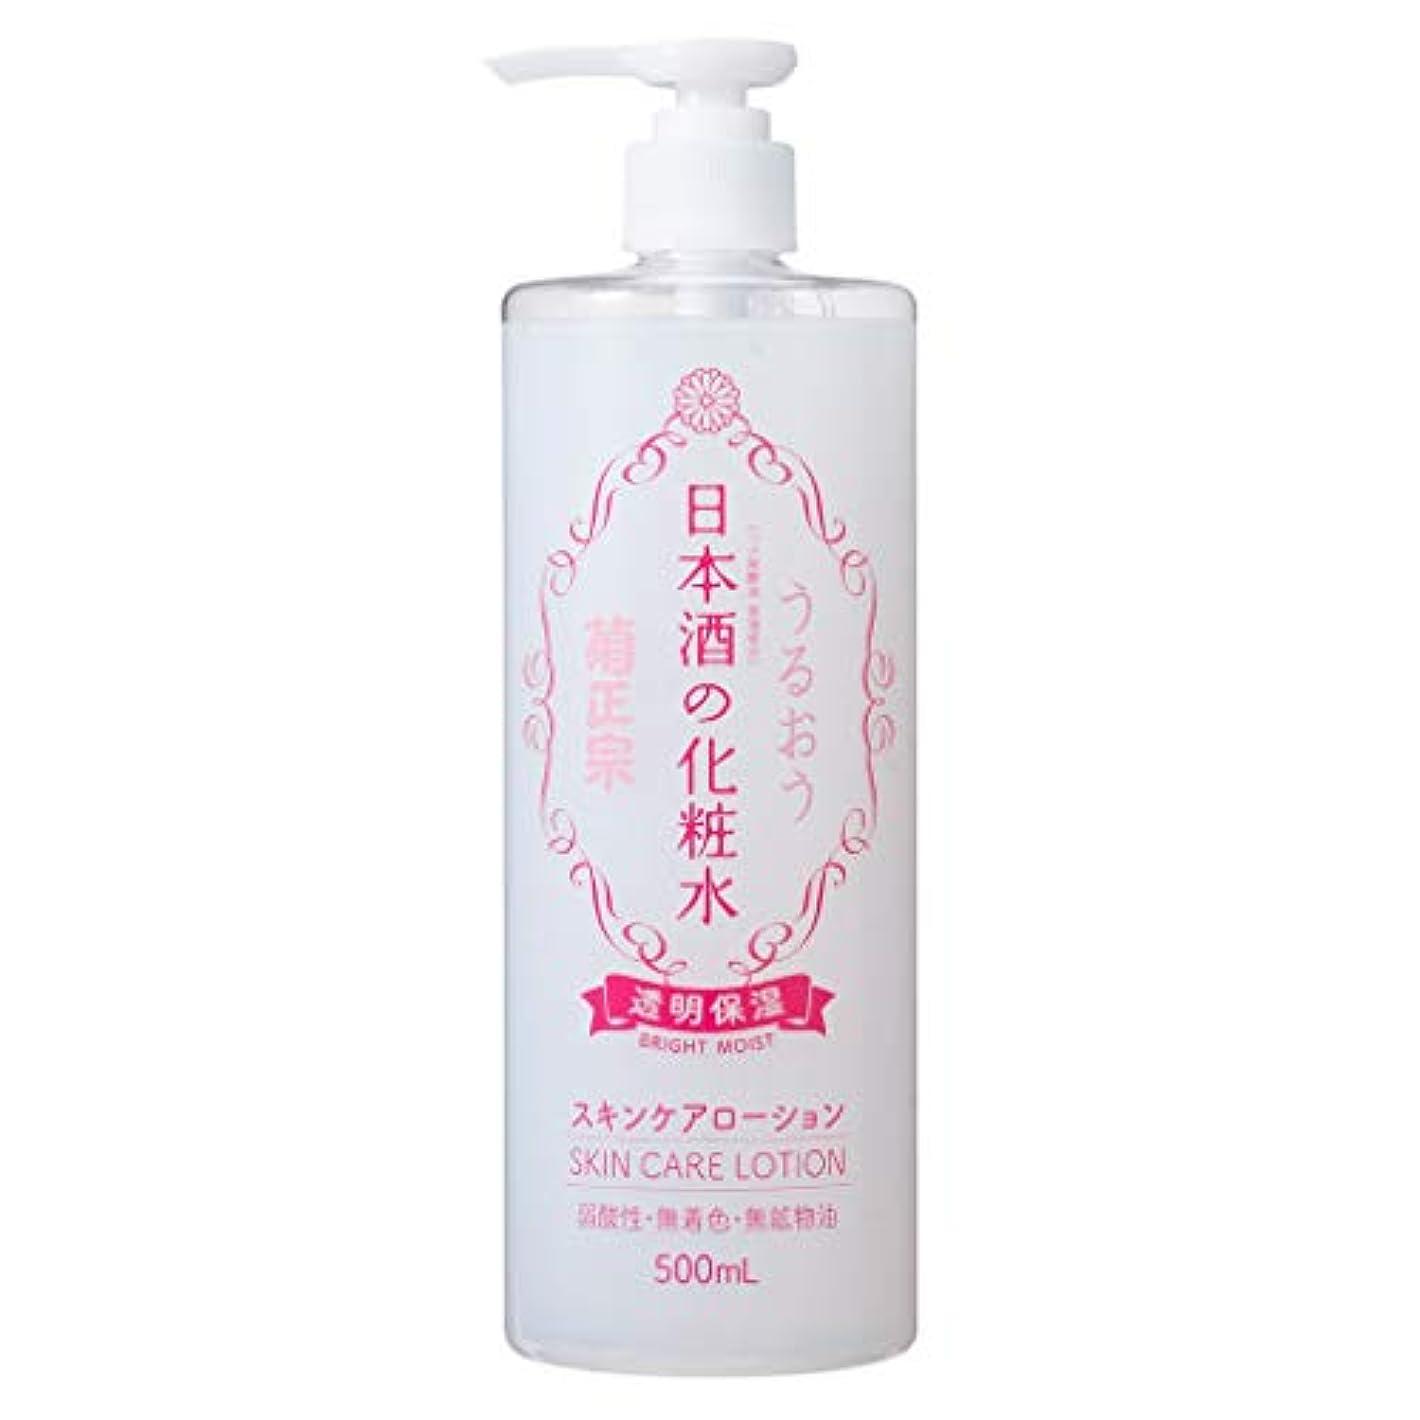 タオル限定動物園菊正宗 日本酒の化粧水 透明保湿 500ml ビタミン